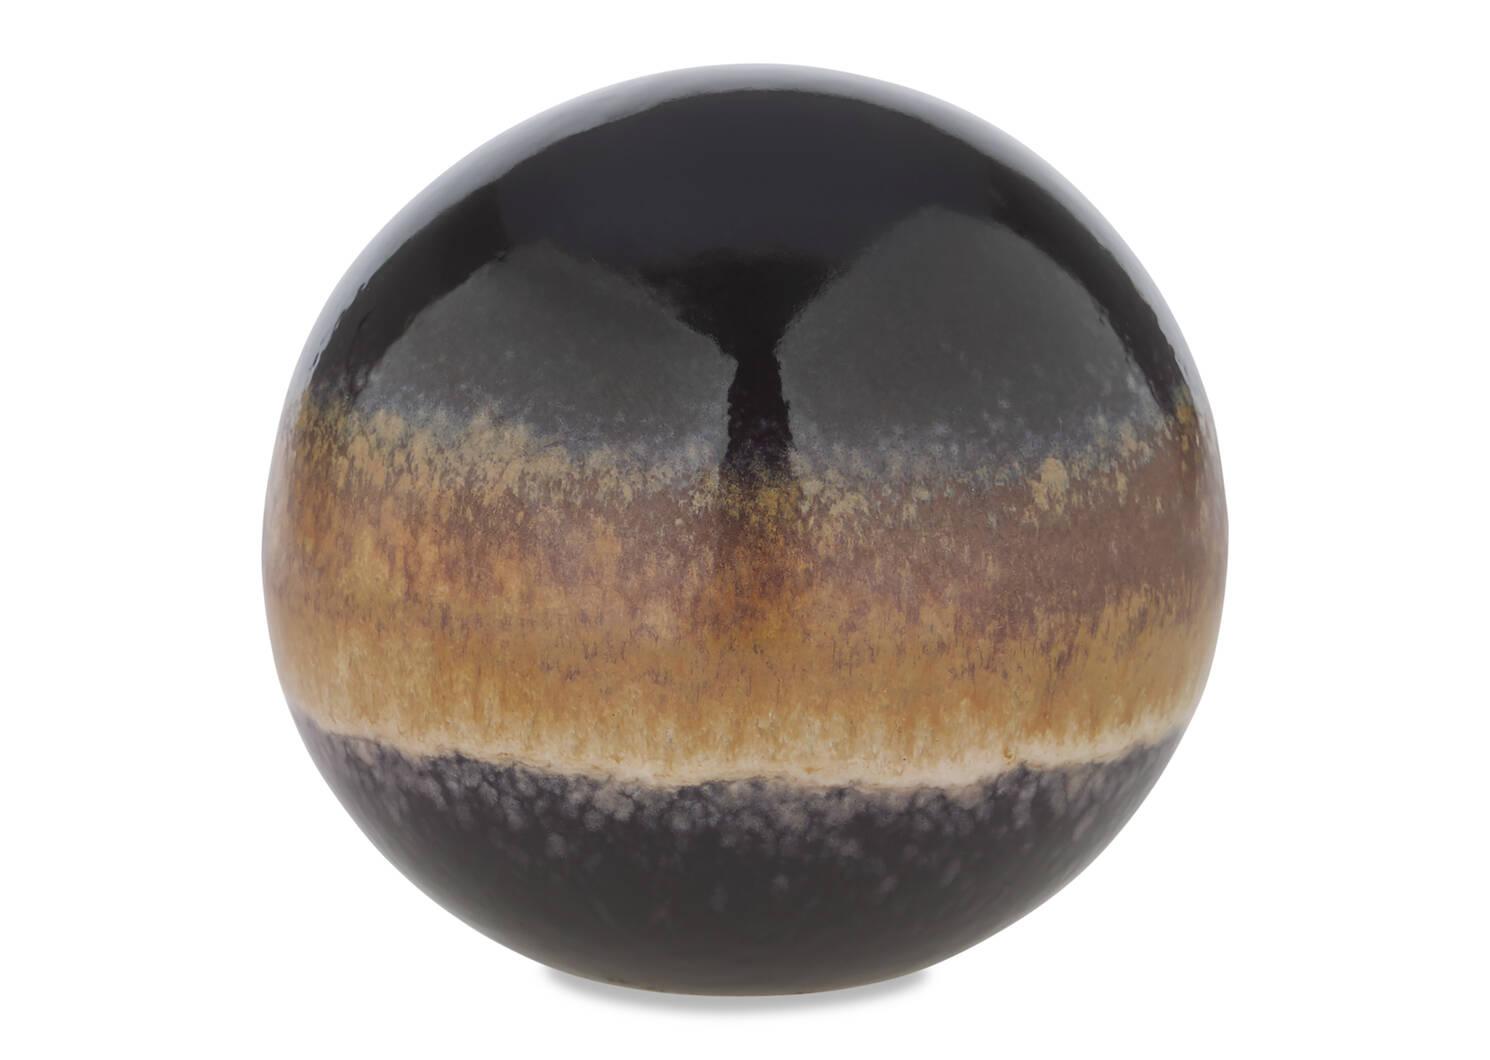 Oceania Ball Décor Black